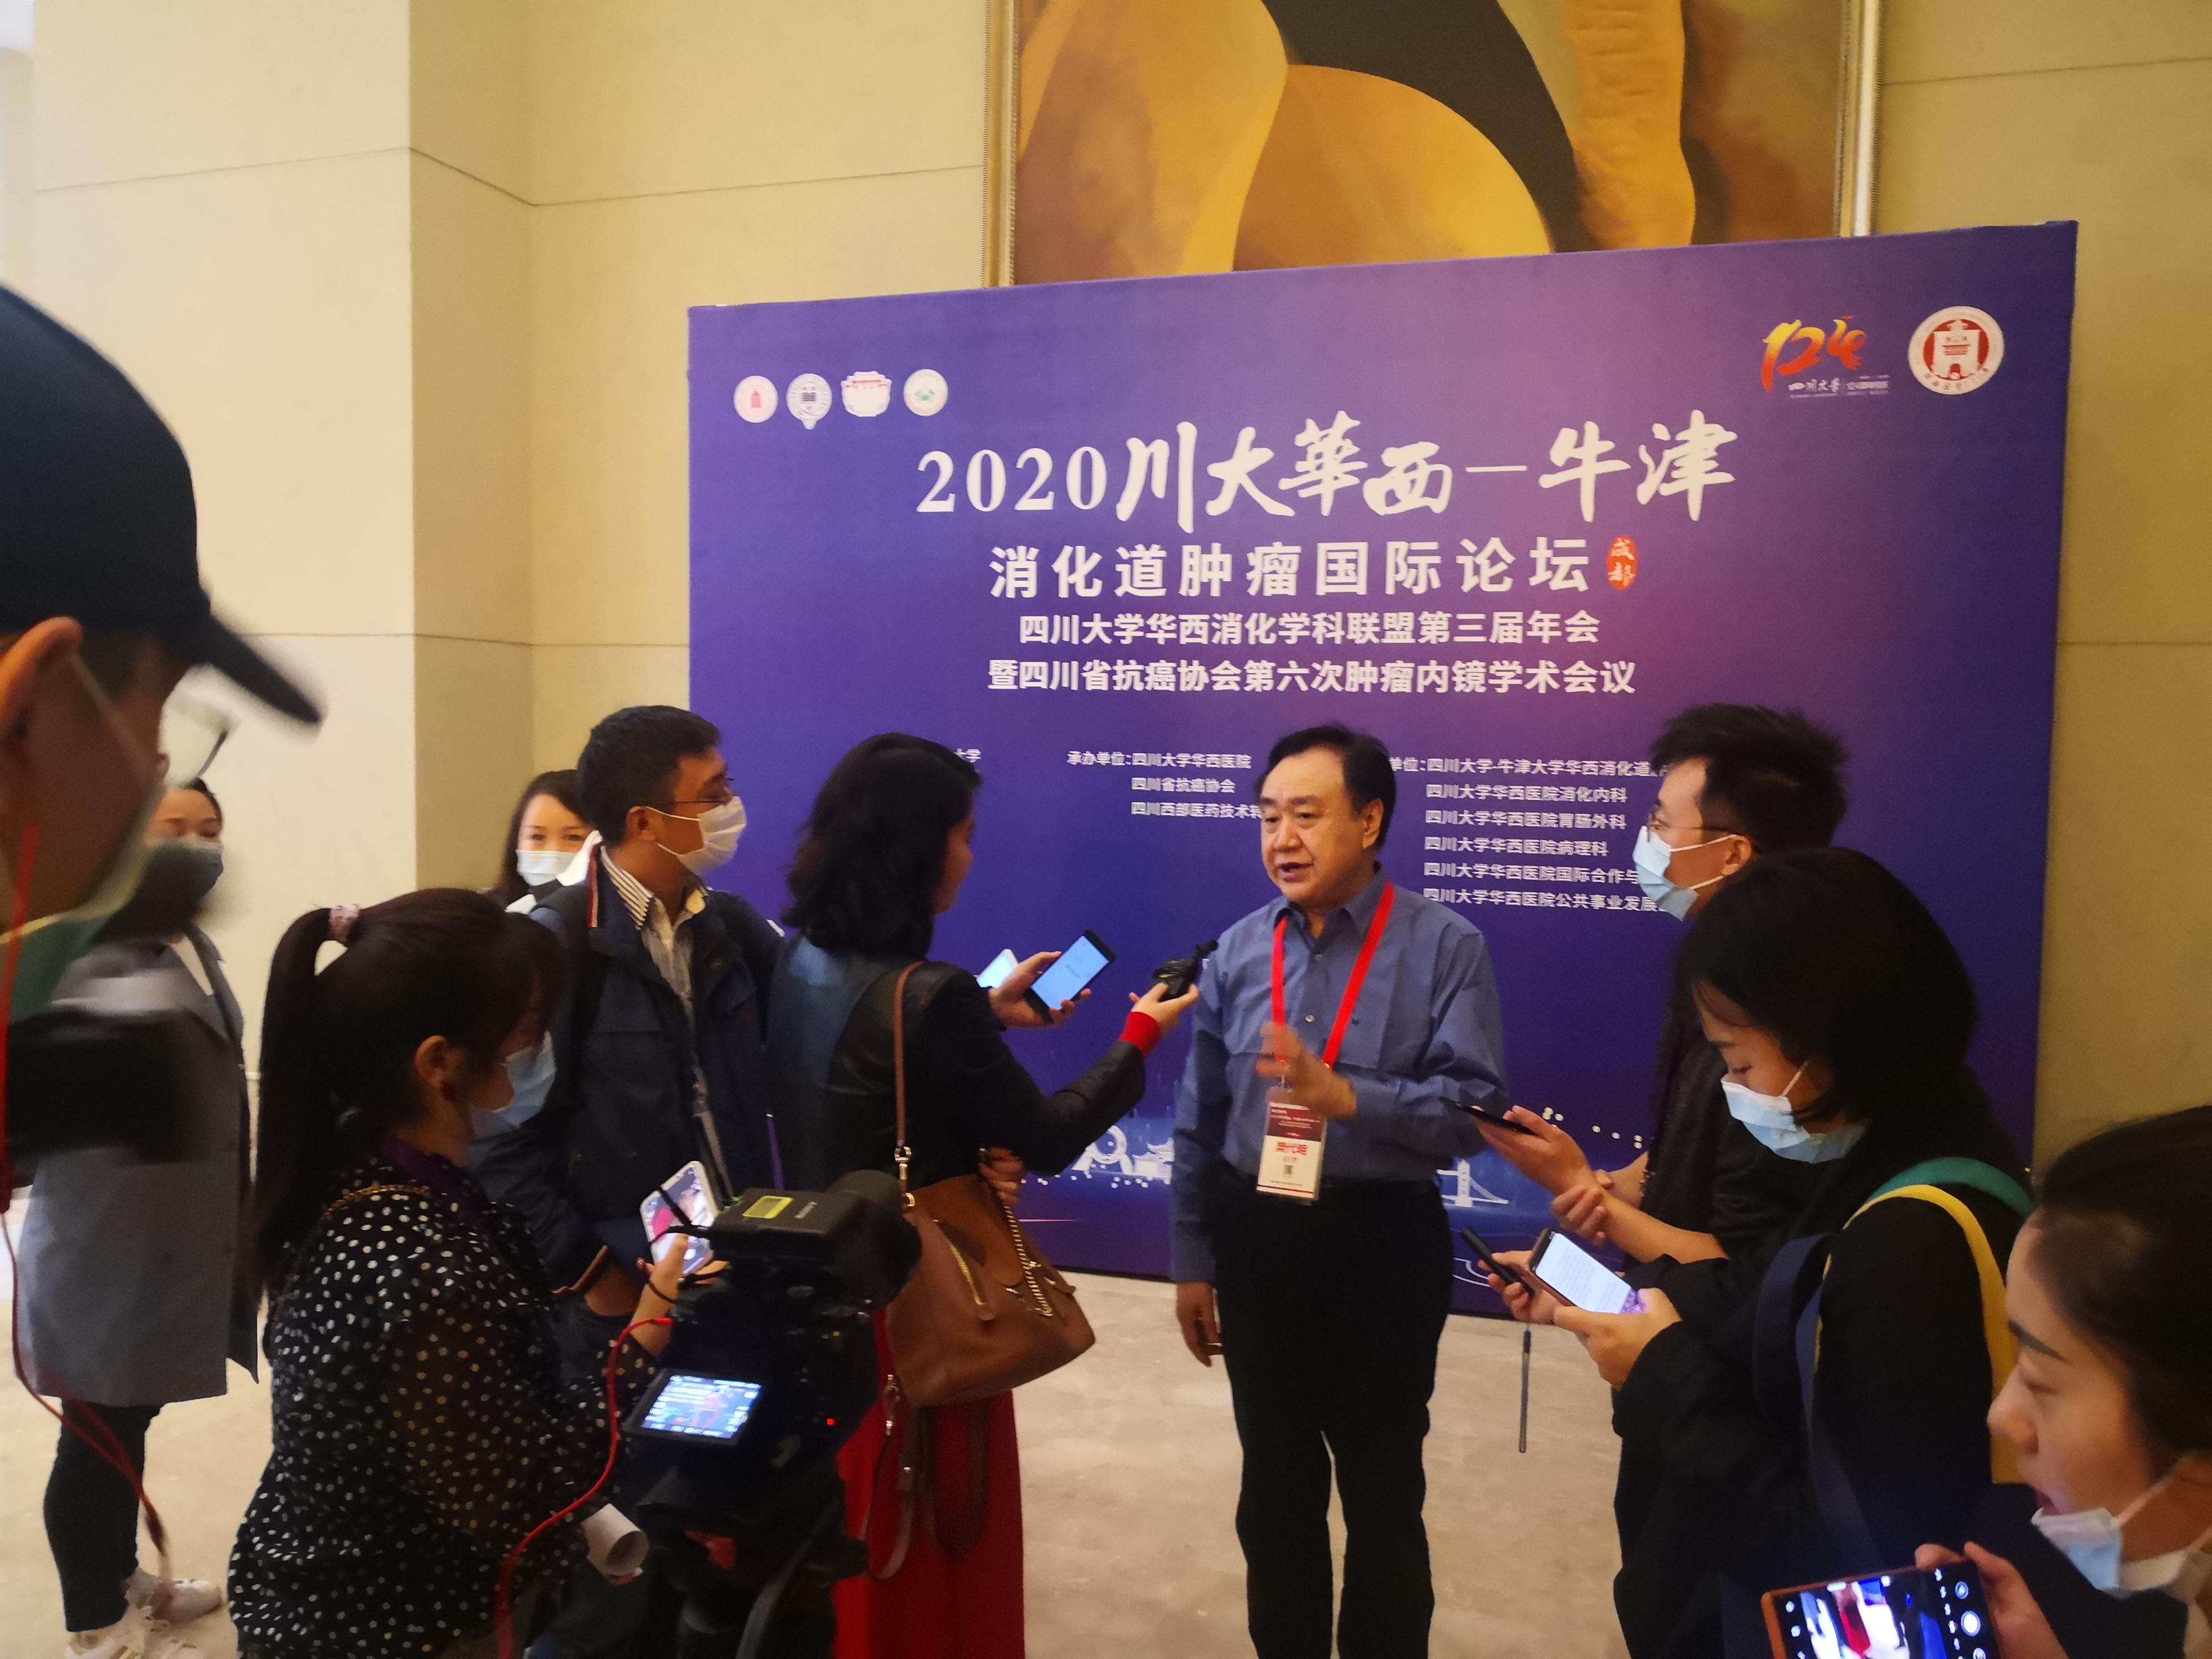 川大华西-牛津消化道肿瘤国际论坛在蓉举行